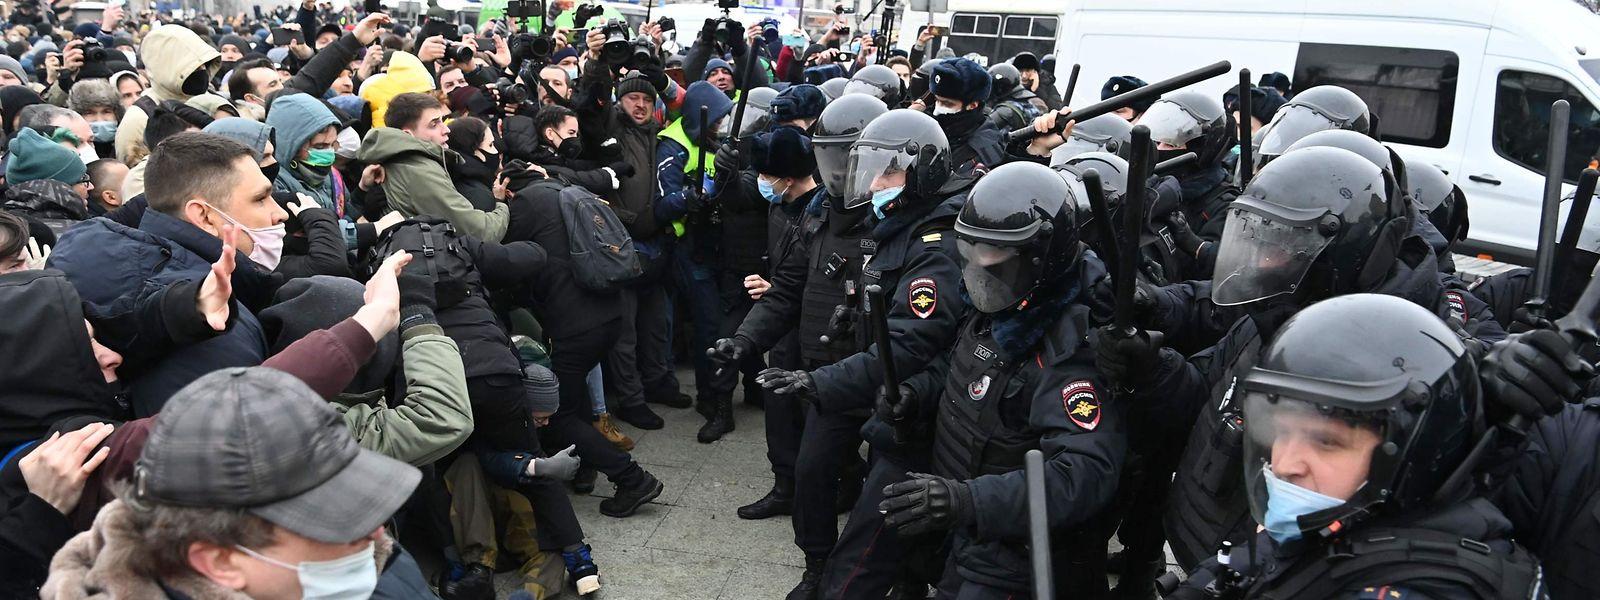 Zwischen 30.000 und 150.000 Menschen protestierten am Samstag für die Freilassung des russischen Oppositionellen Alexej Nawalny.